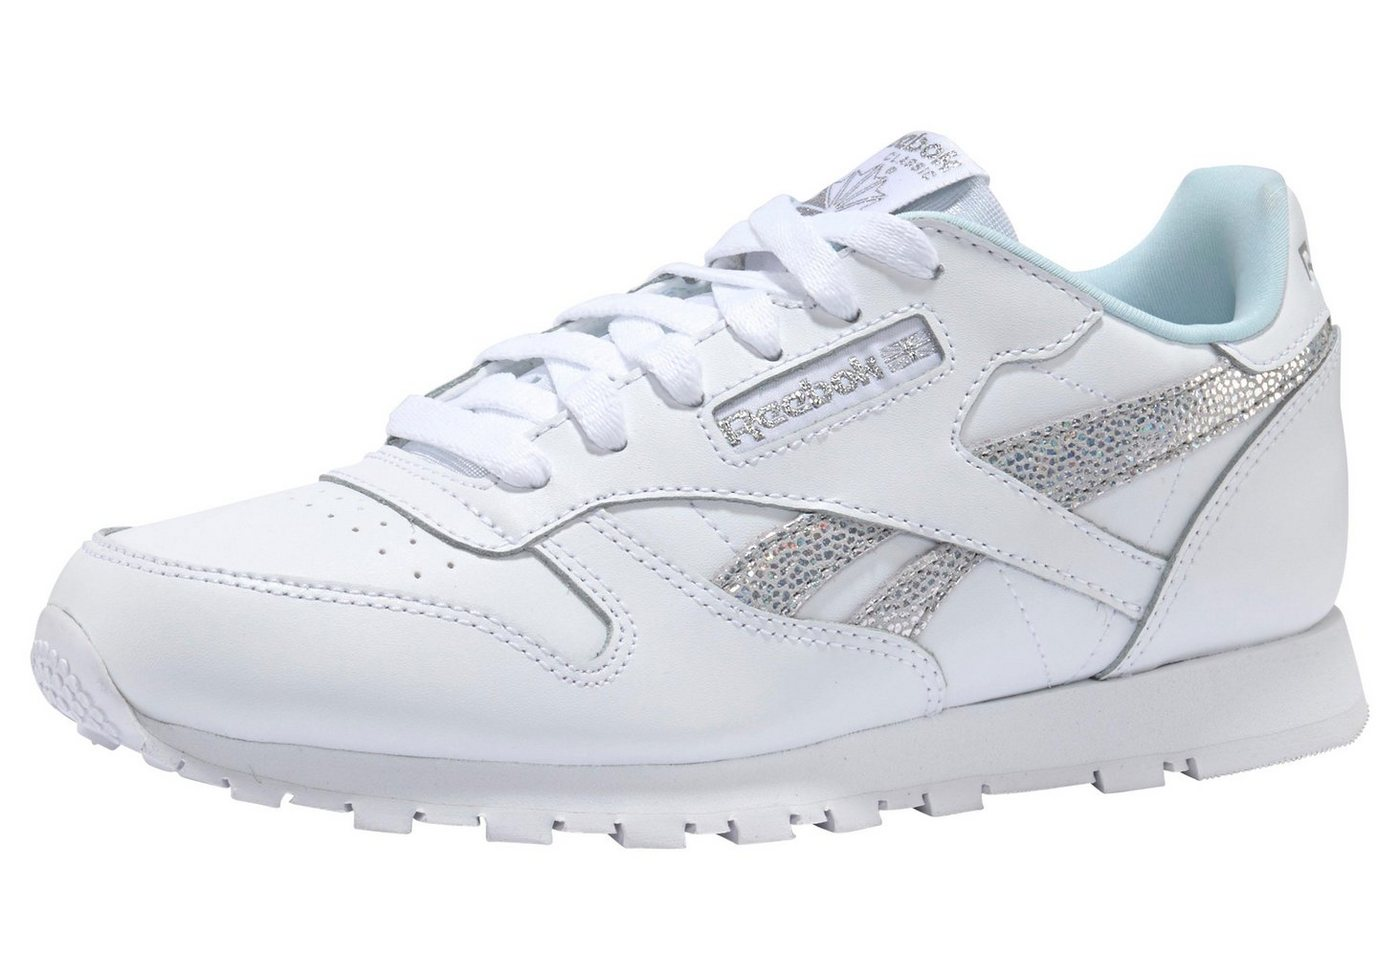 Damen Reebok Classic Classic Leather Sneaker weiß   04059808616667